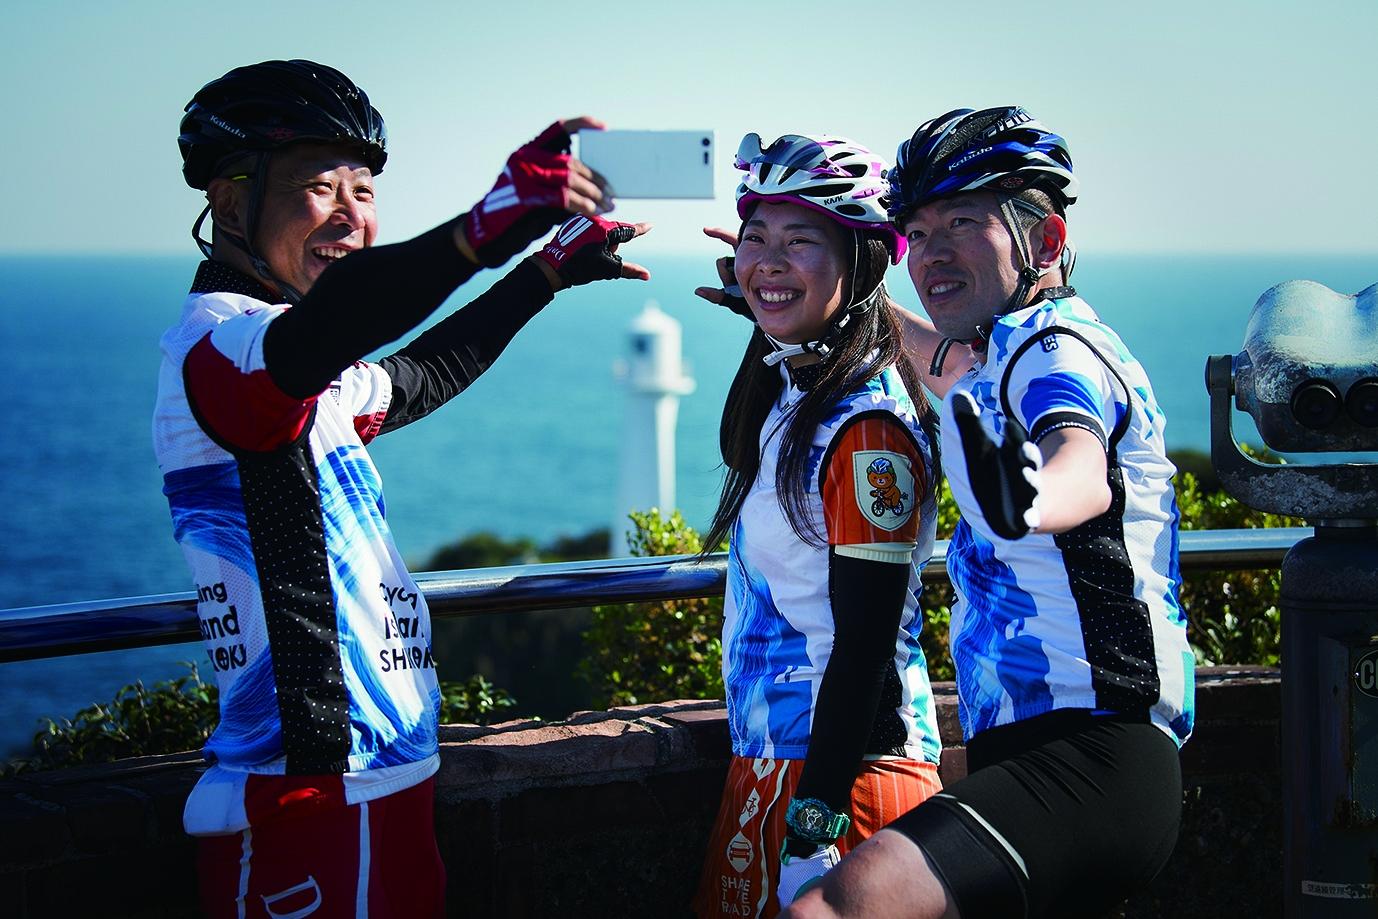 四国一周サイクリング×伊予鉄トラベル「チャレンジ!四国一周サイクリングバスツアー」開始